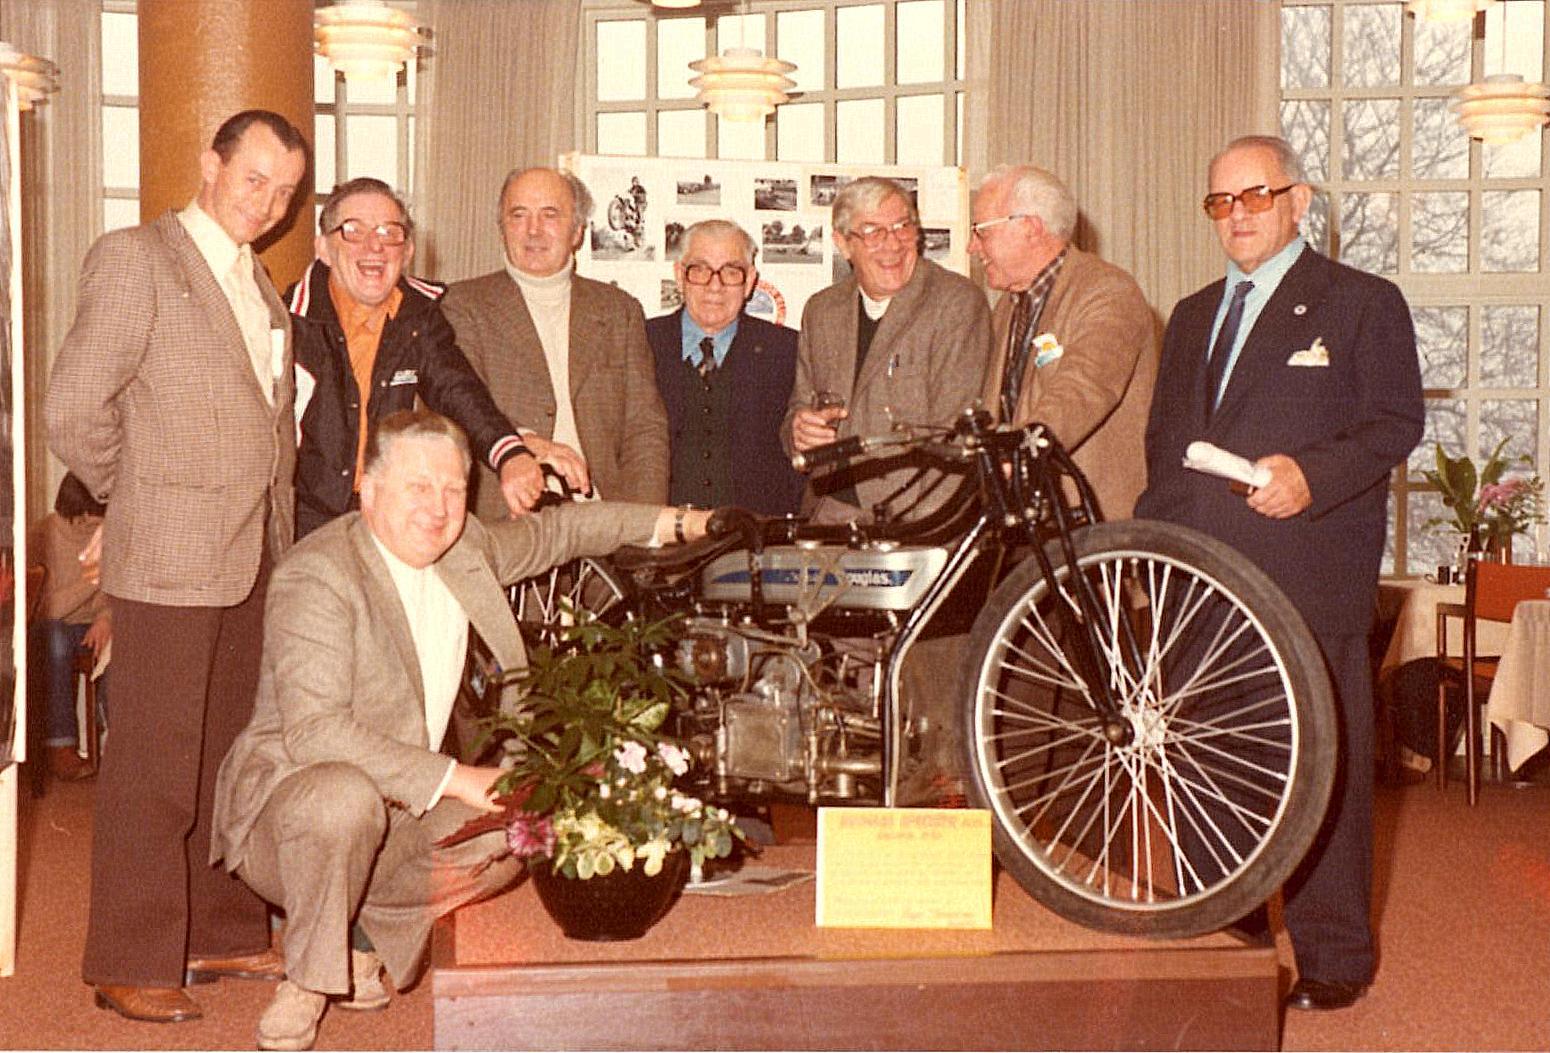 Disse otte havde alle mere end 25 års medlemskab i klubben. Fra venstre Preben Woer, Axel Müller, Knud Nielsen, Murerras, Henning Pedersen, Carlo Sejer og klubbens mangeårige revisor Poul Serena. Foran Carl Andersen.